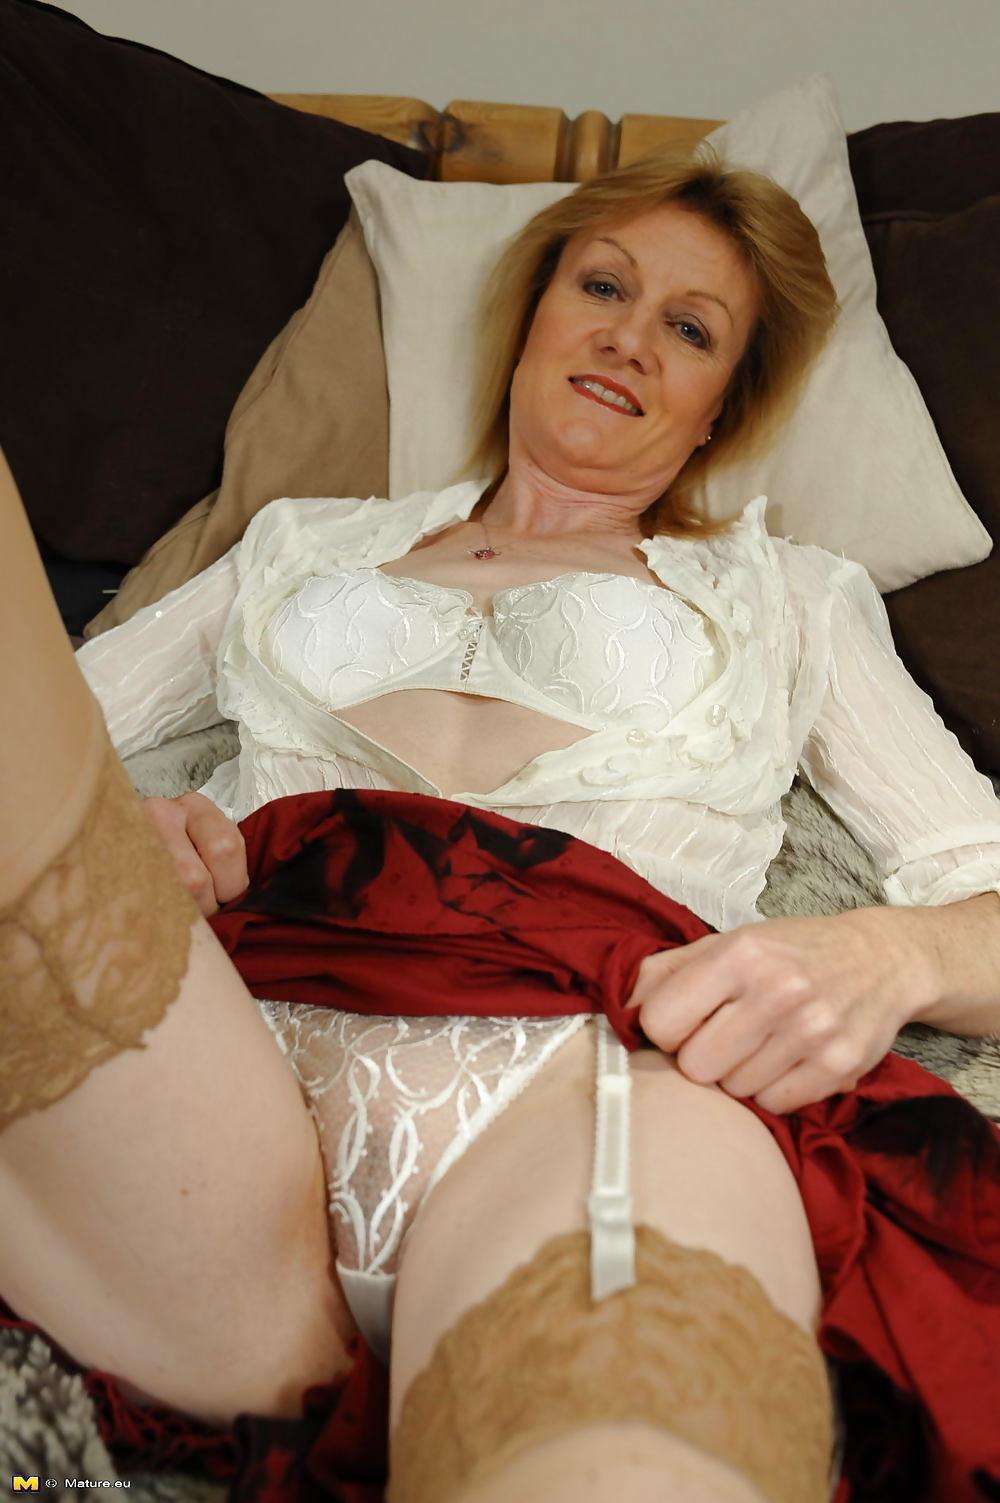 Эротично показывает трусы зрелая баба фото 415-571